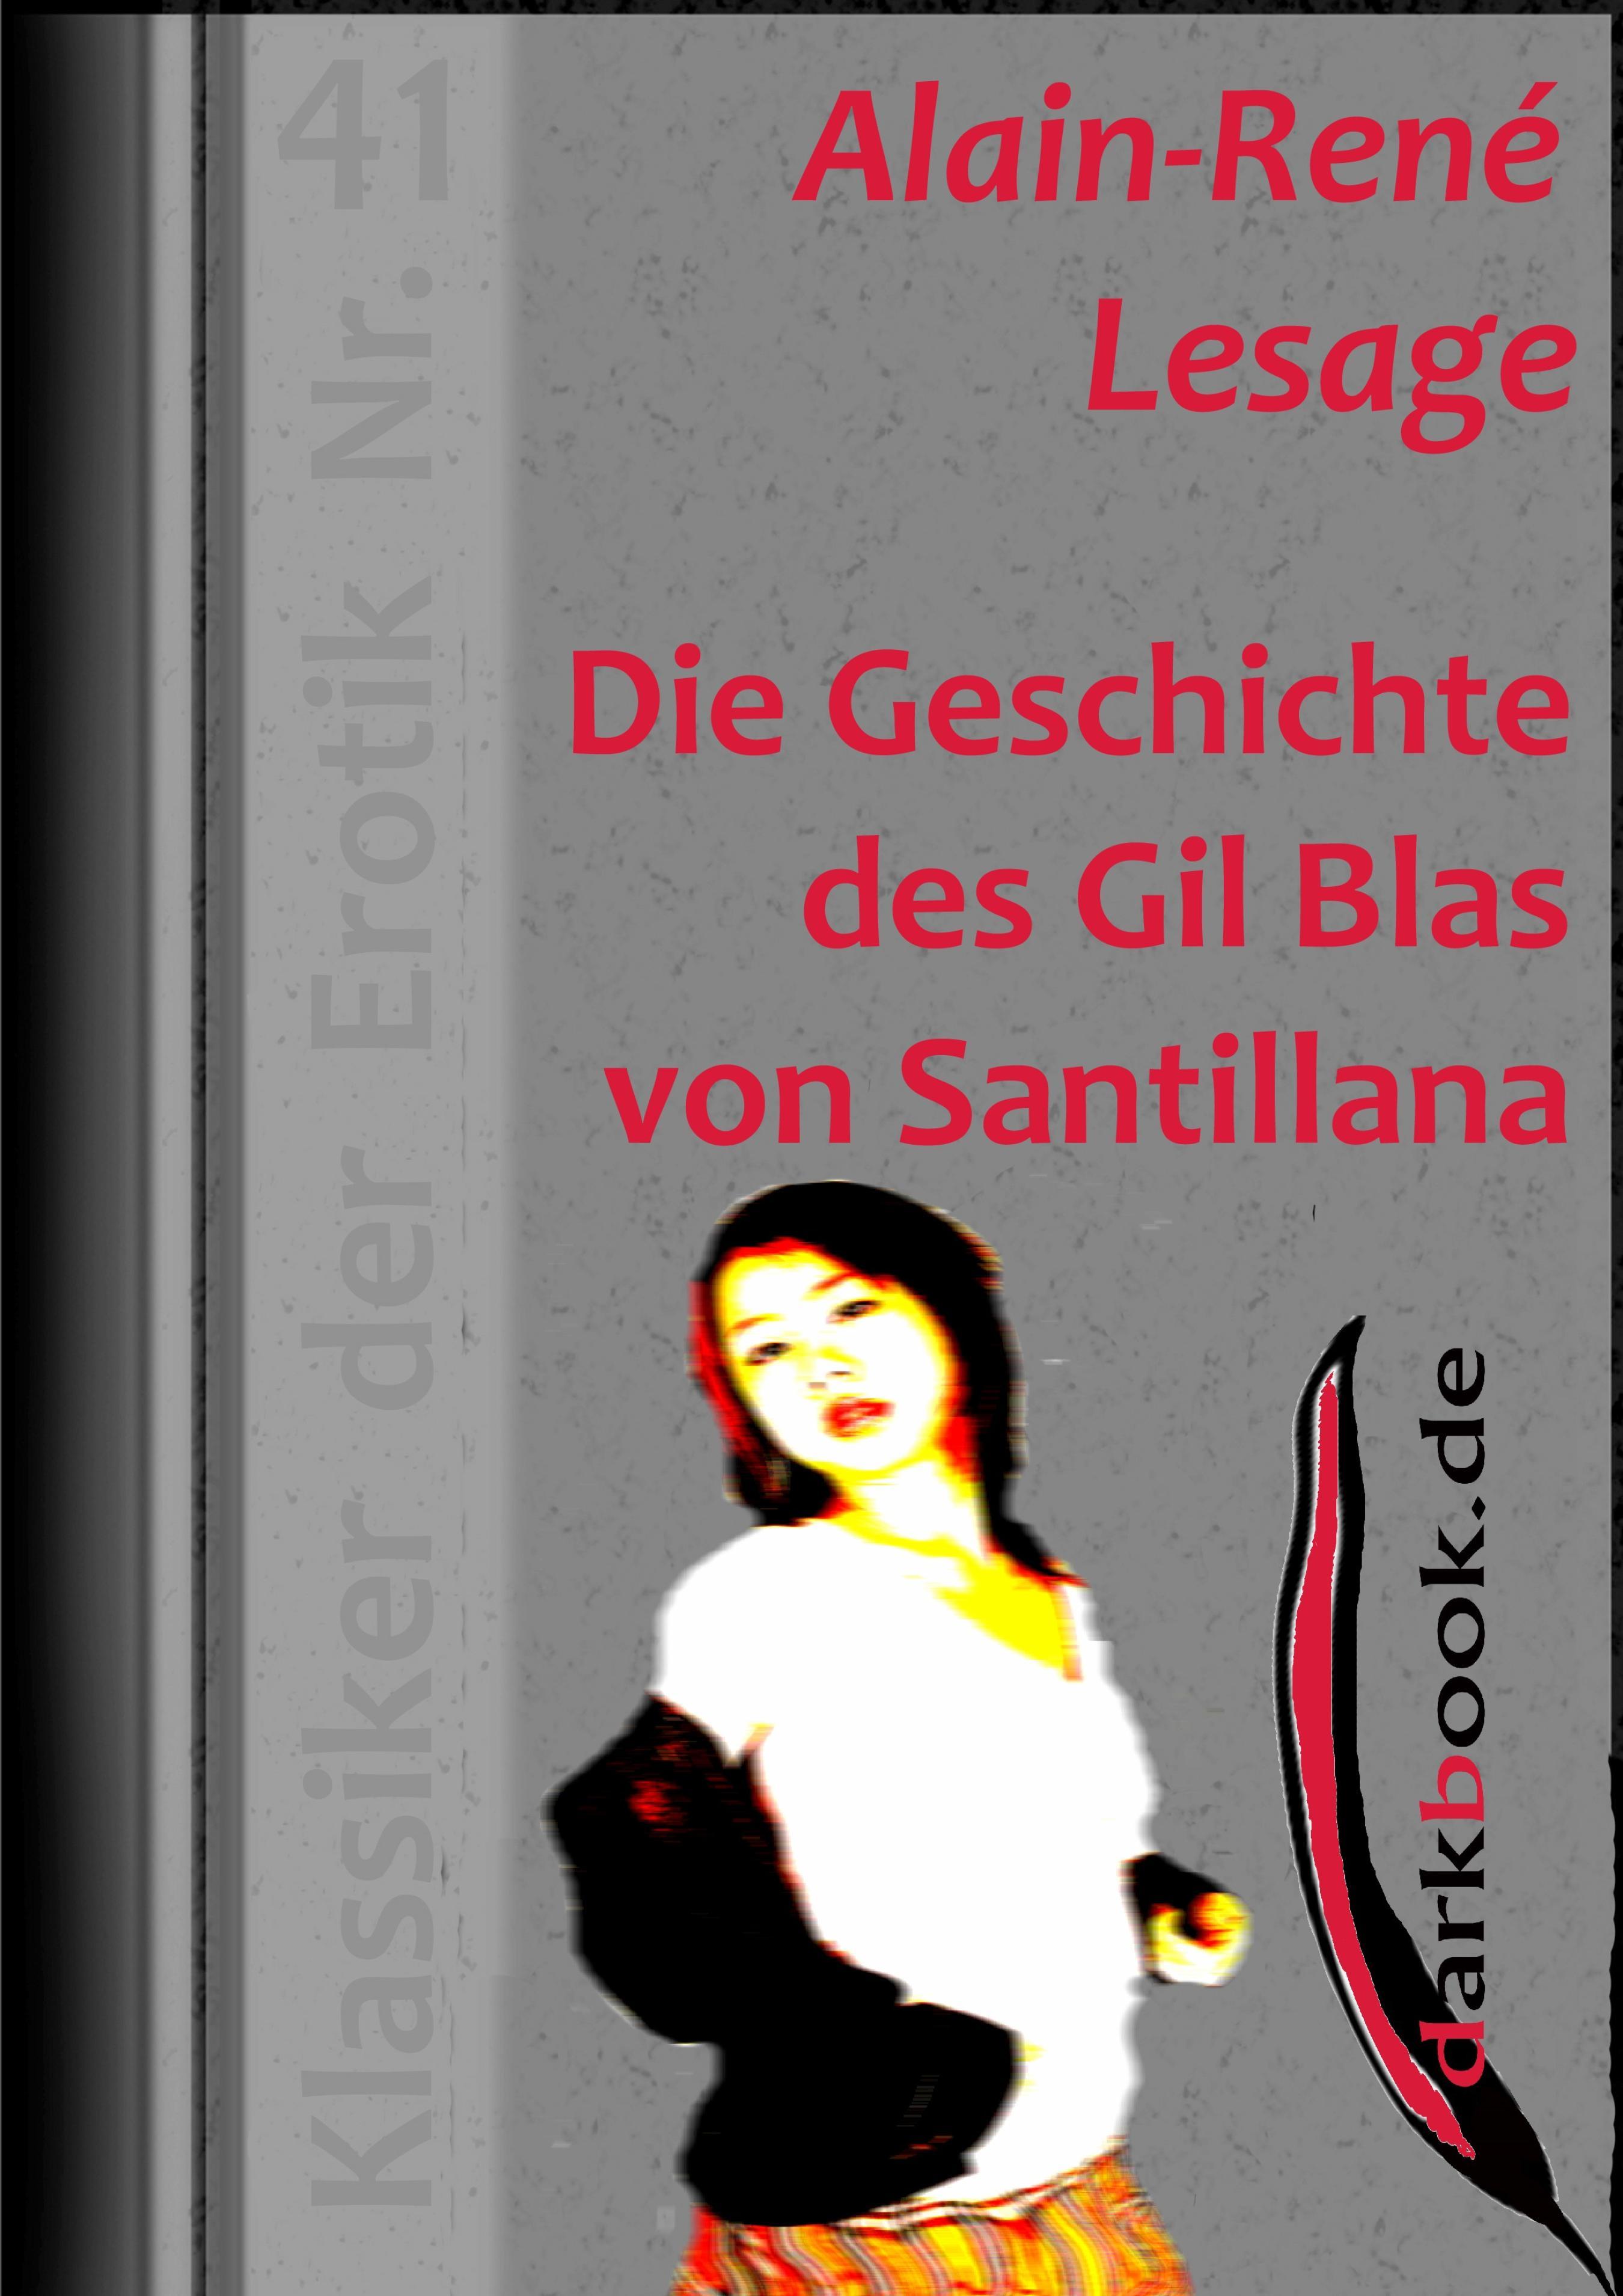 Alain-Rene Lesage Die Geschichte des Gil Blas von Santillana